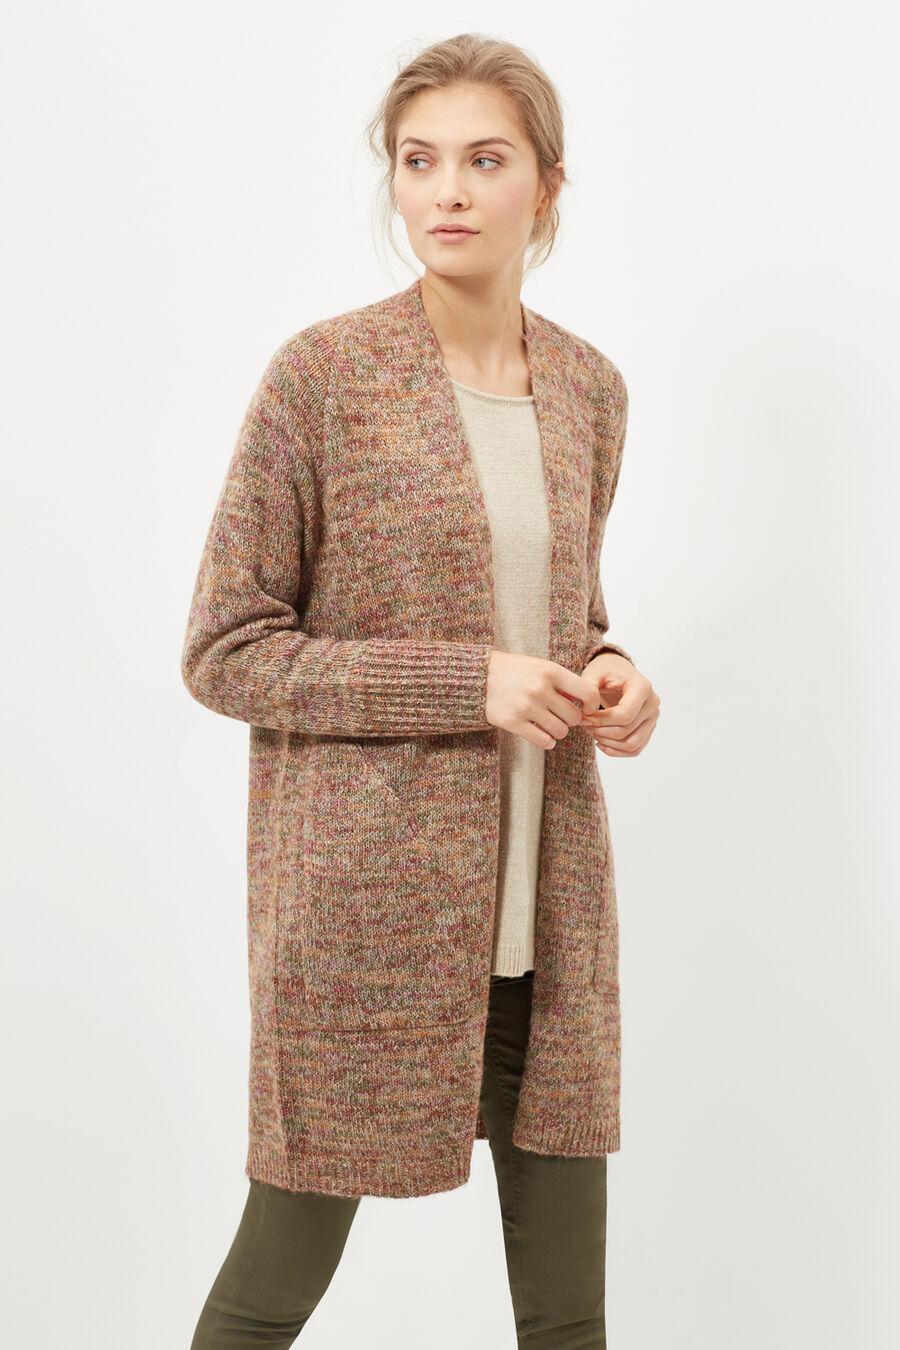 Multi-coloured cardigan